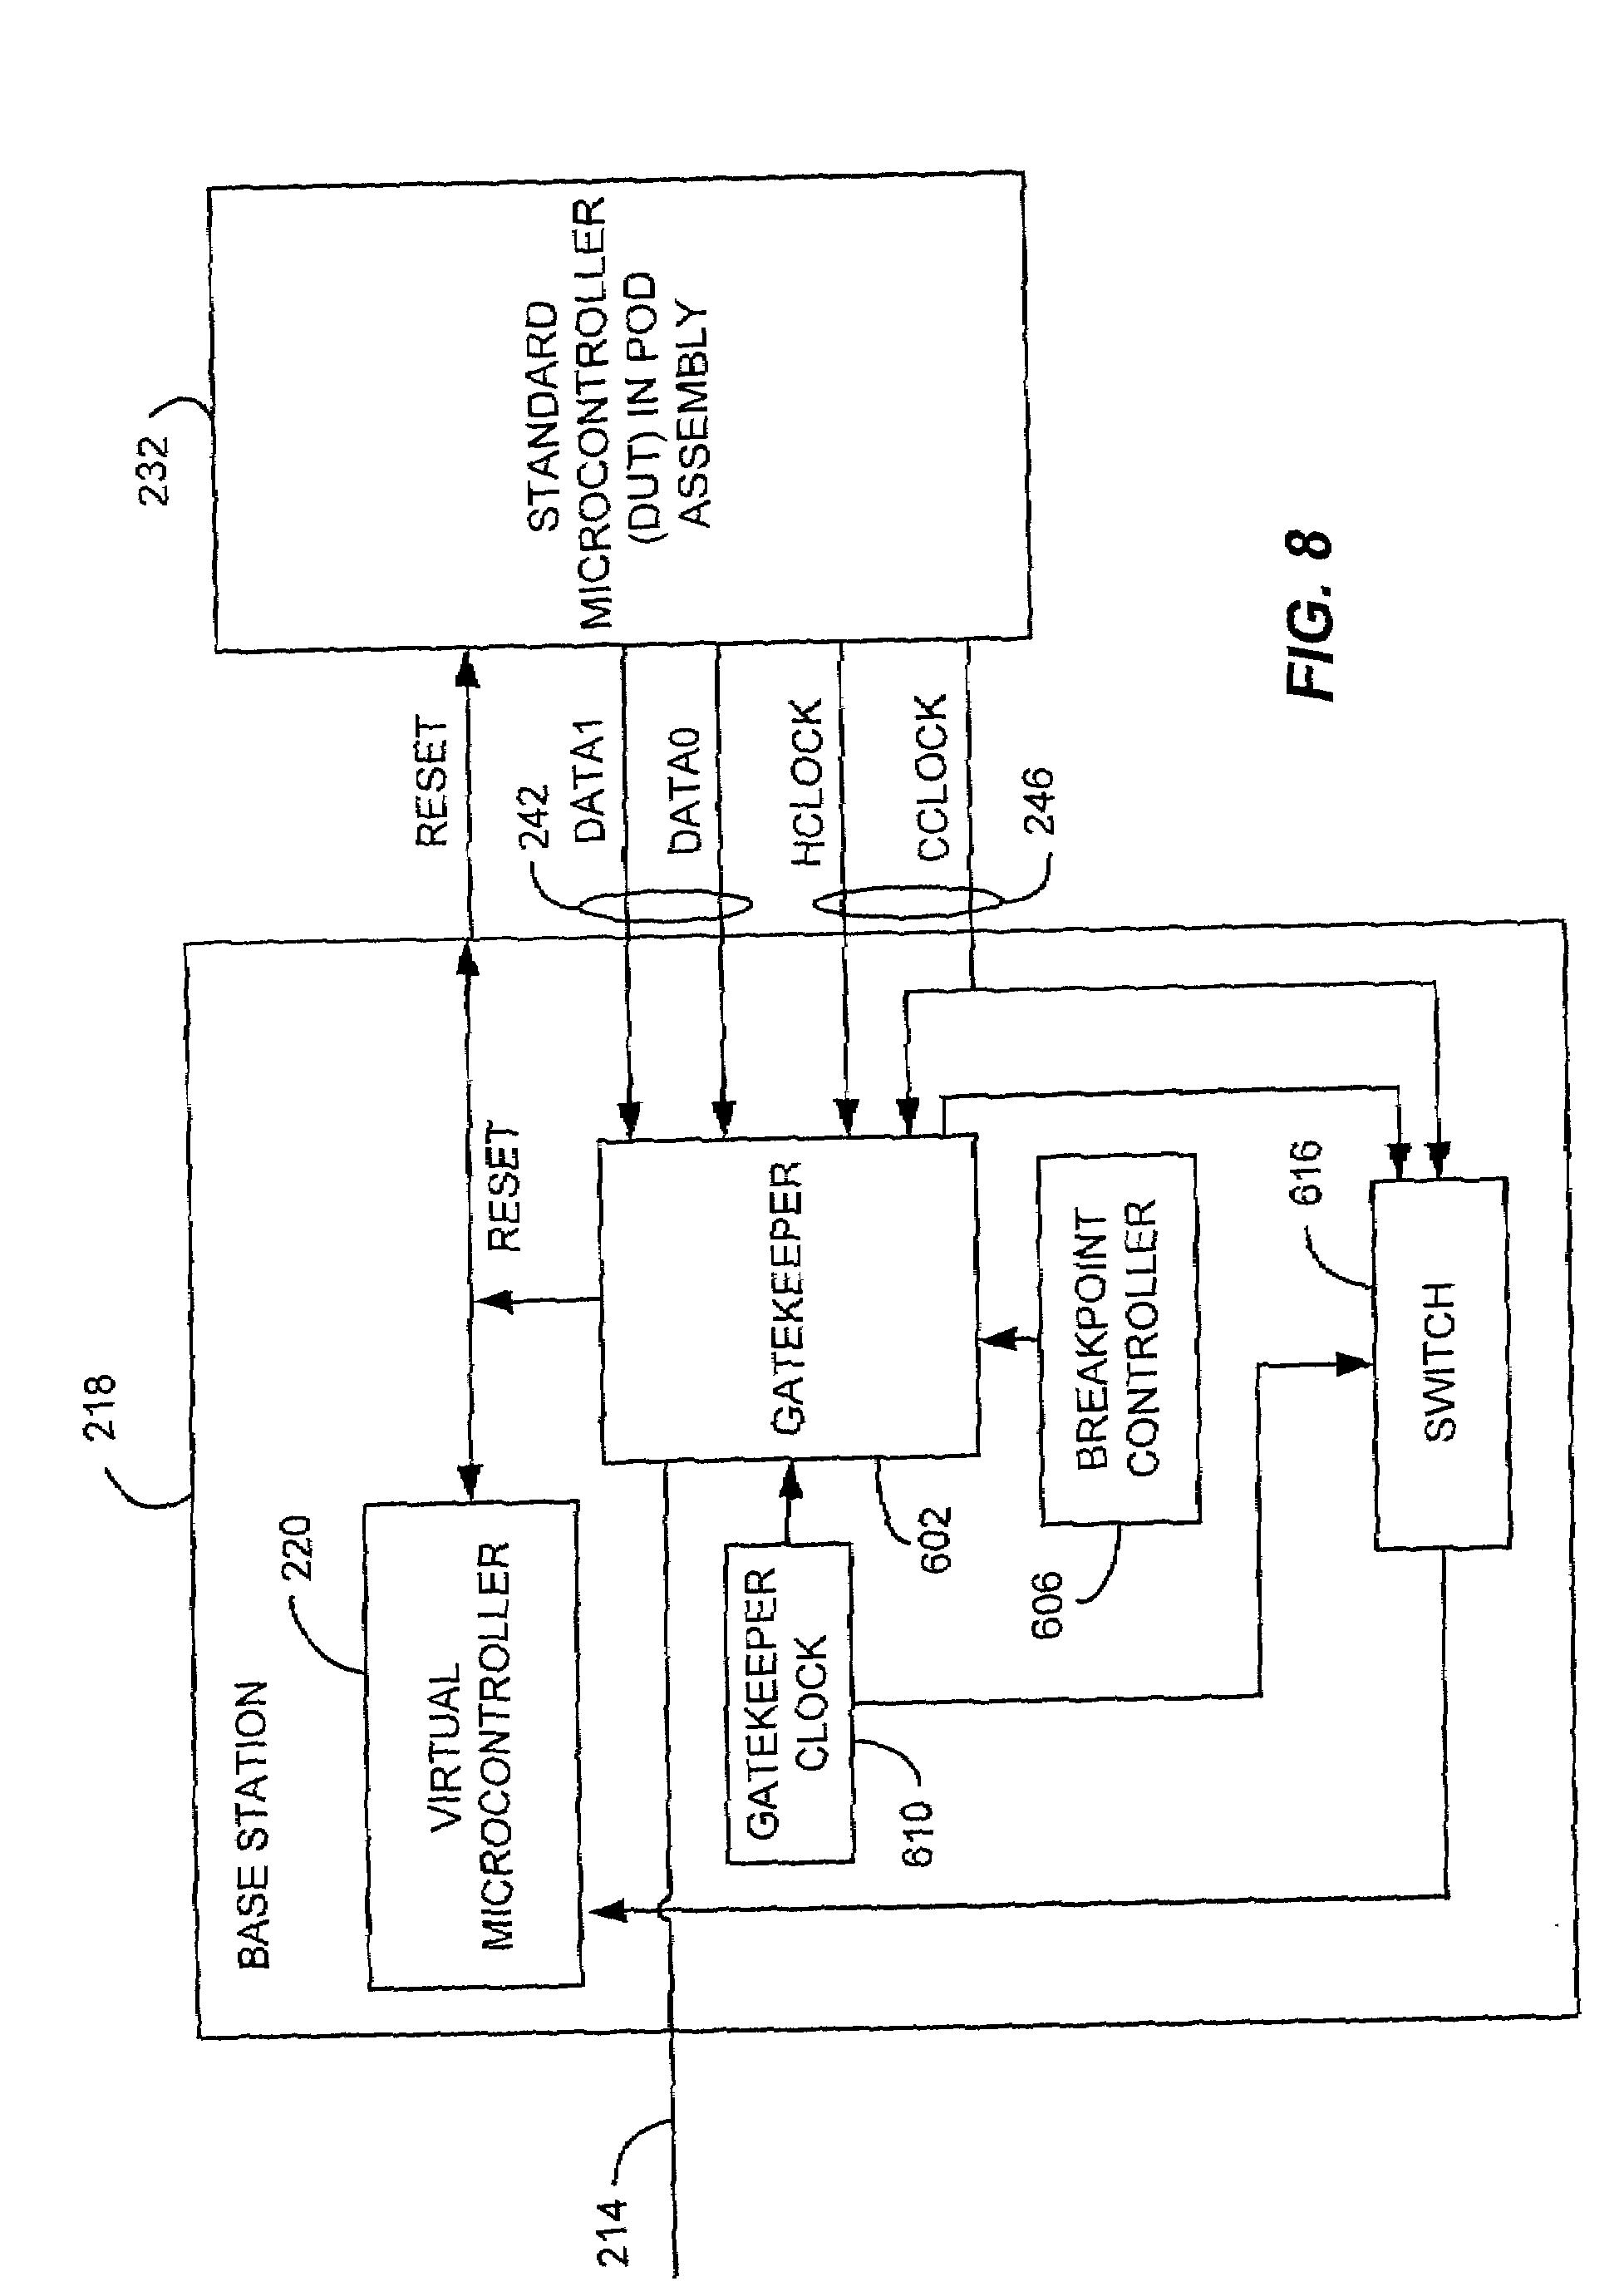 patent us7162410